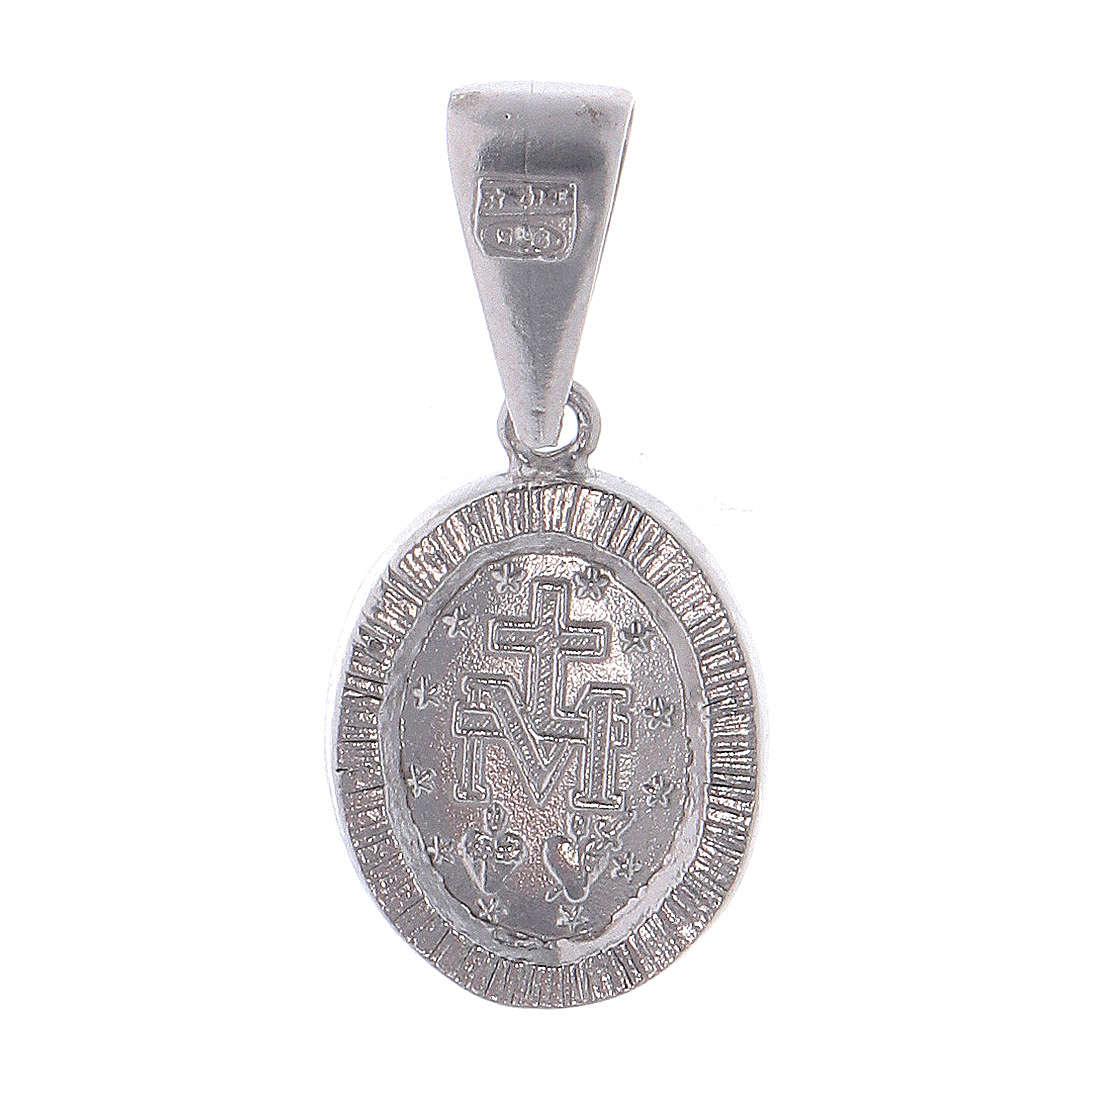 Medaglia Madonna Miracolosa in Argento 925 con zirconi trasparenti 4